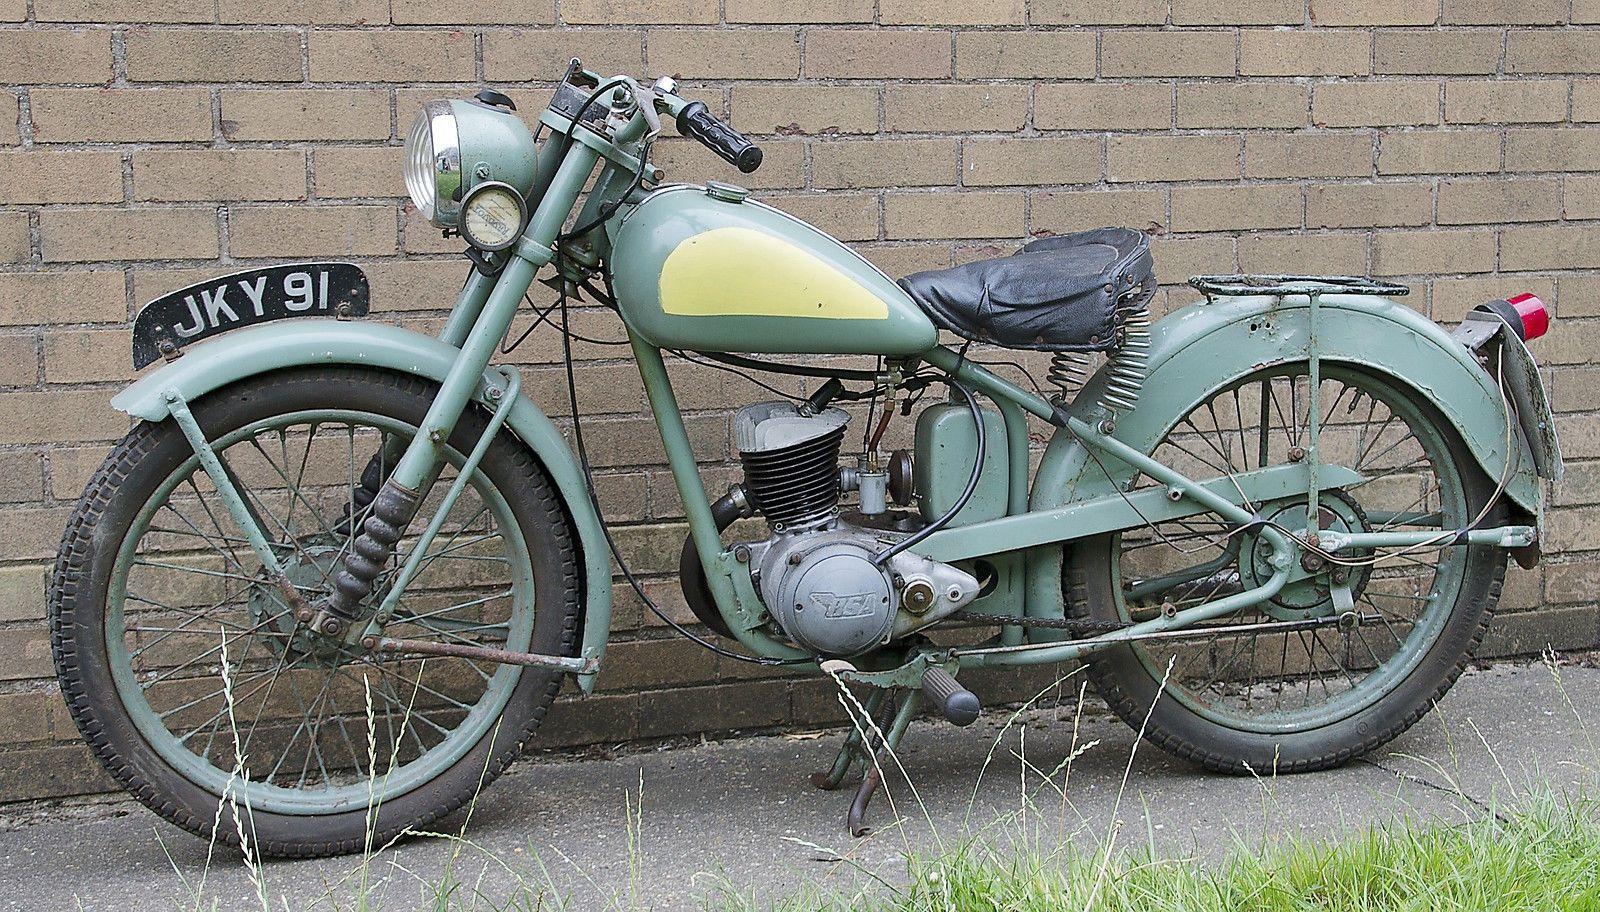 BSA D1 Rigid Frame Bantam 125cc 1953 Vintage Motorcycle